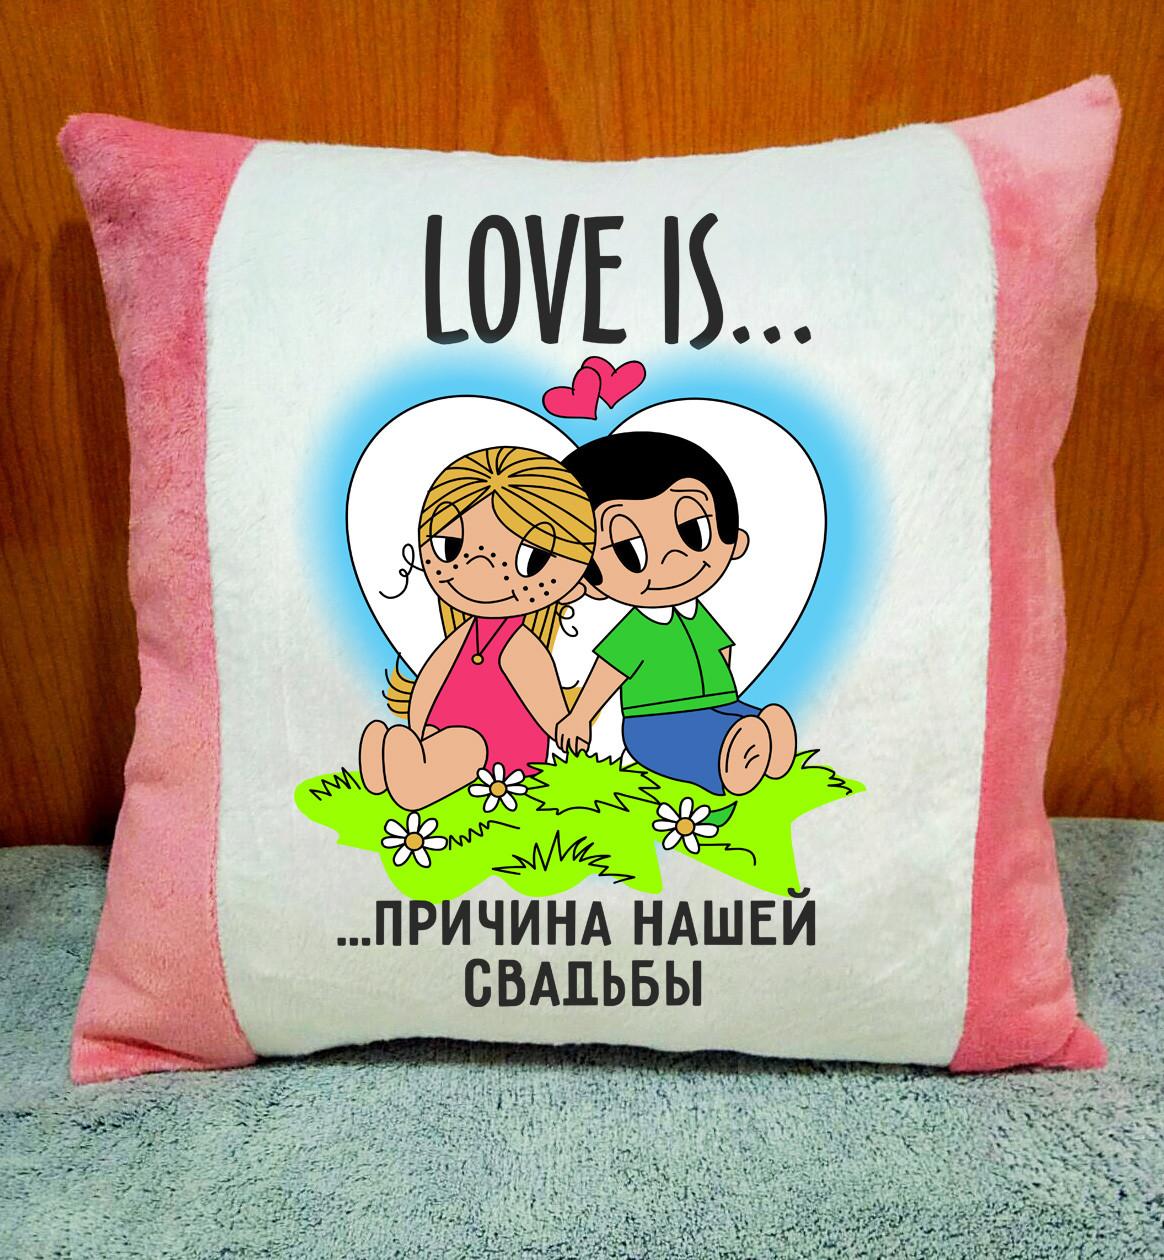 Декоративная подушка с принтом. Подарок на годовщину свадьбы